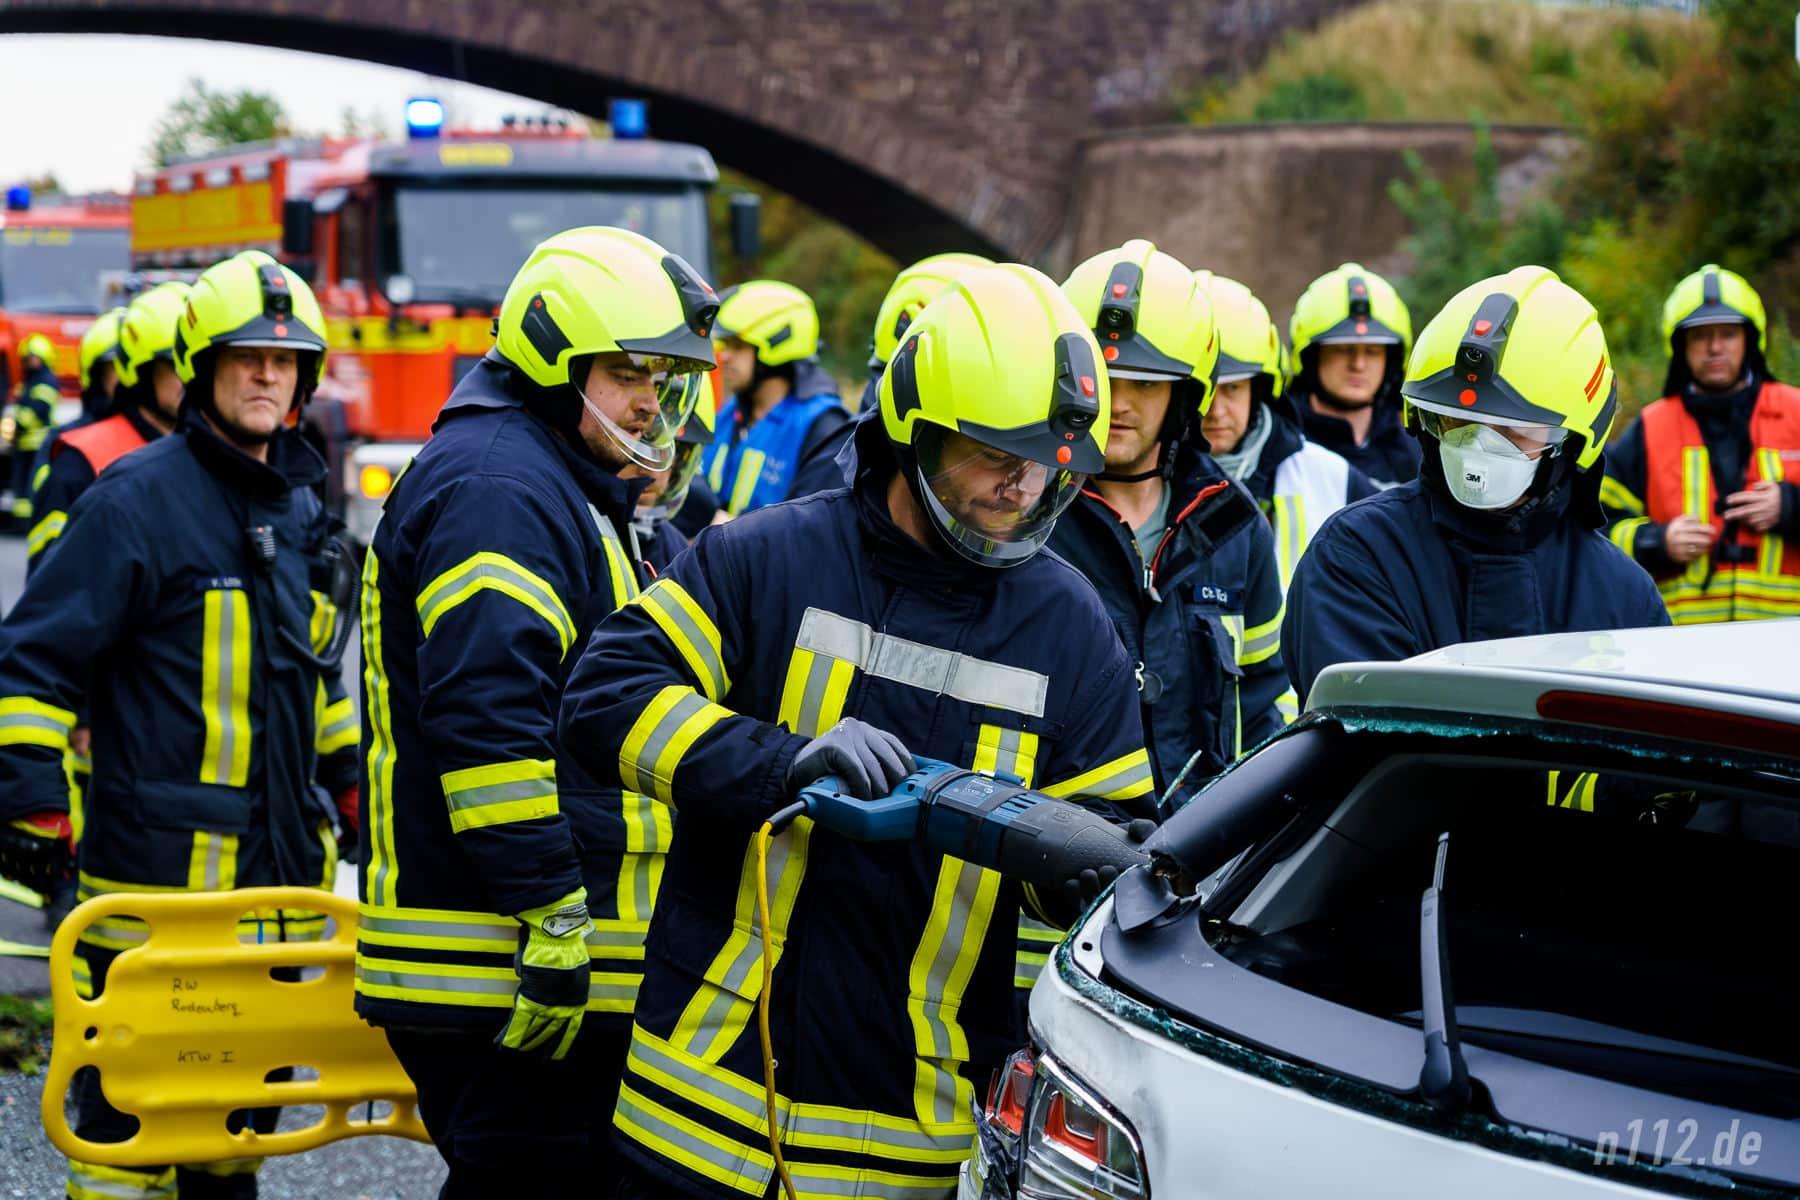 Die Säbelsäge in Aktion. Die Feuerwehr benötigt spezielle Sägeblätter für das Aufschneiden von Autos (Foto: n112.de/Stefan Simonsen)